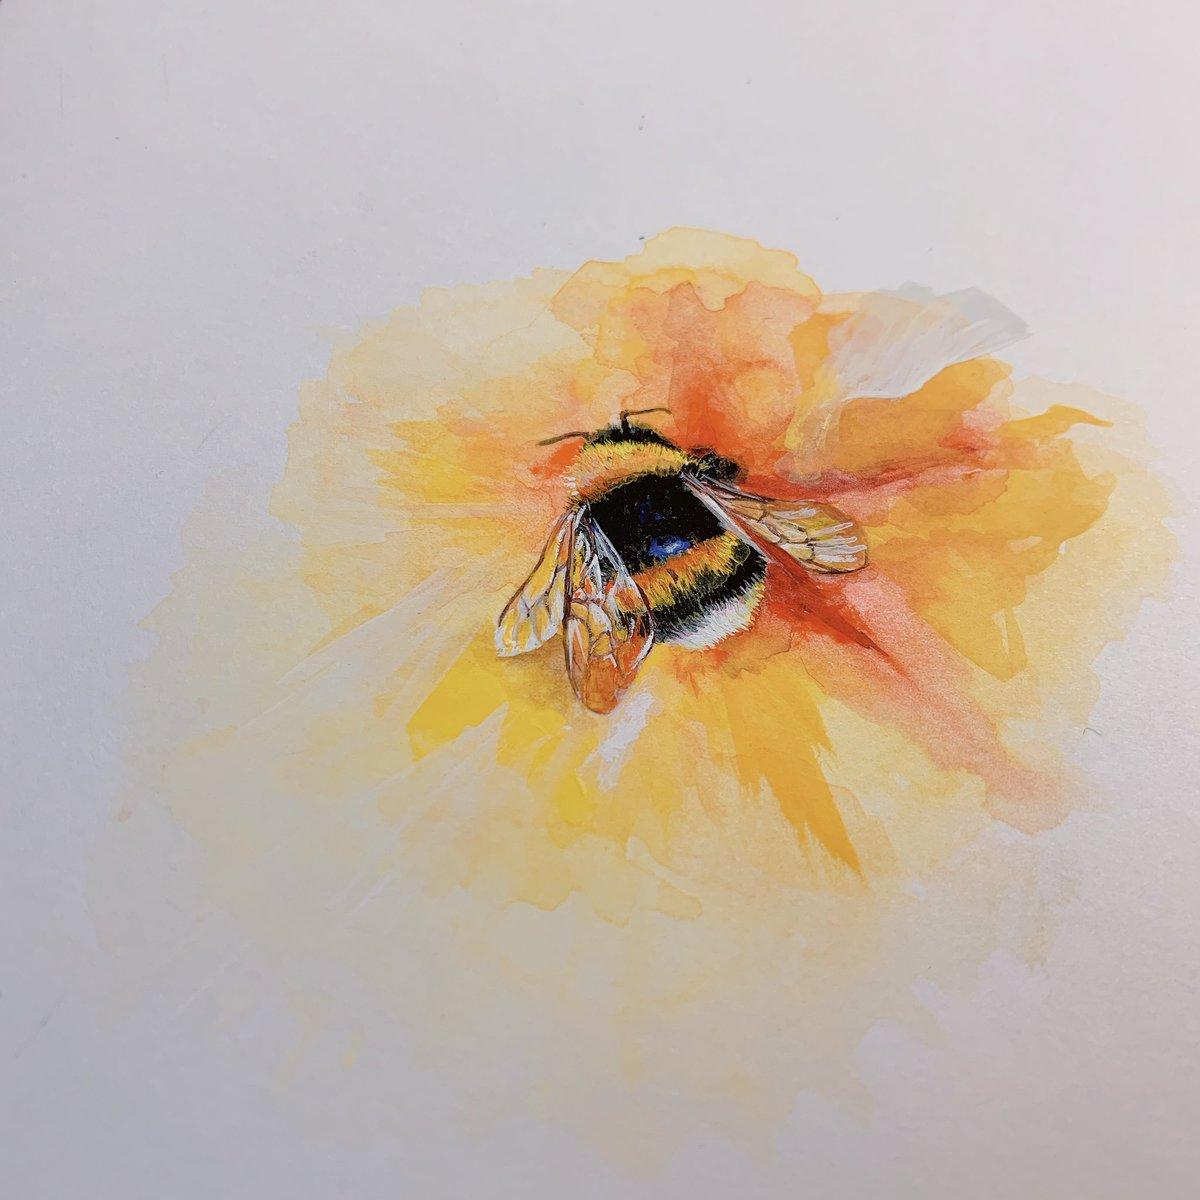 ハチを描いてみました!納得がいかないのでもう一度リベンジしたいです‼︎‼︎